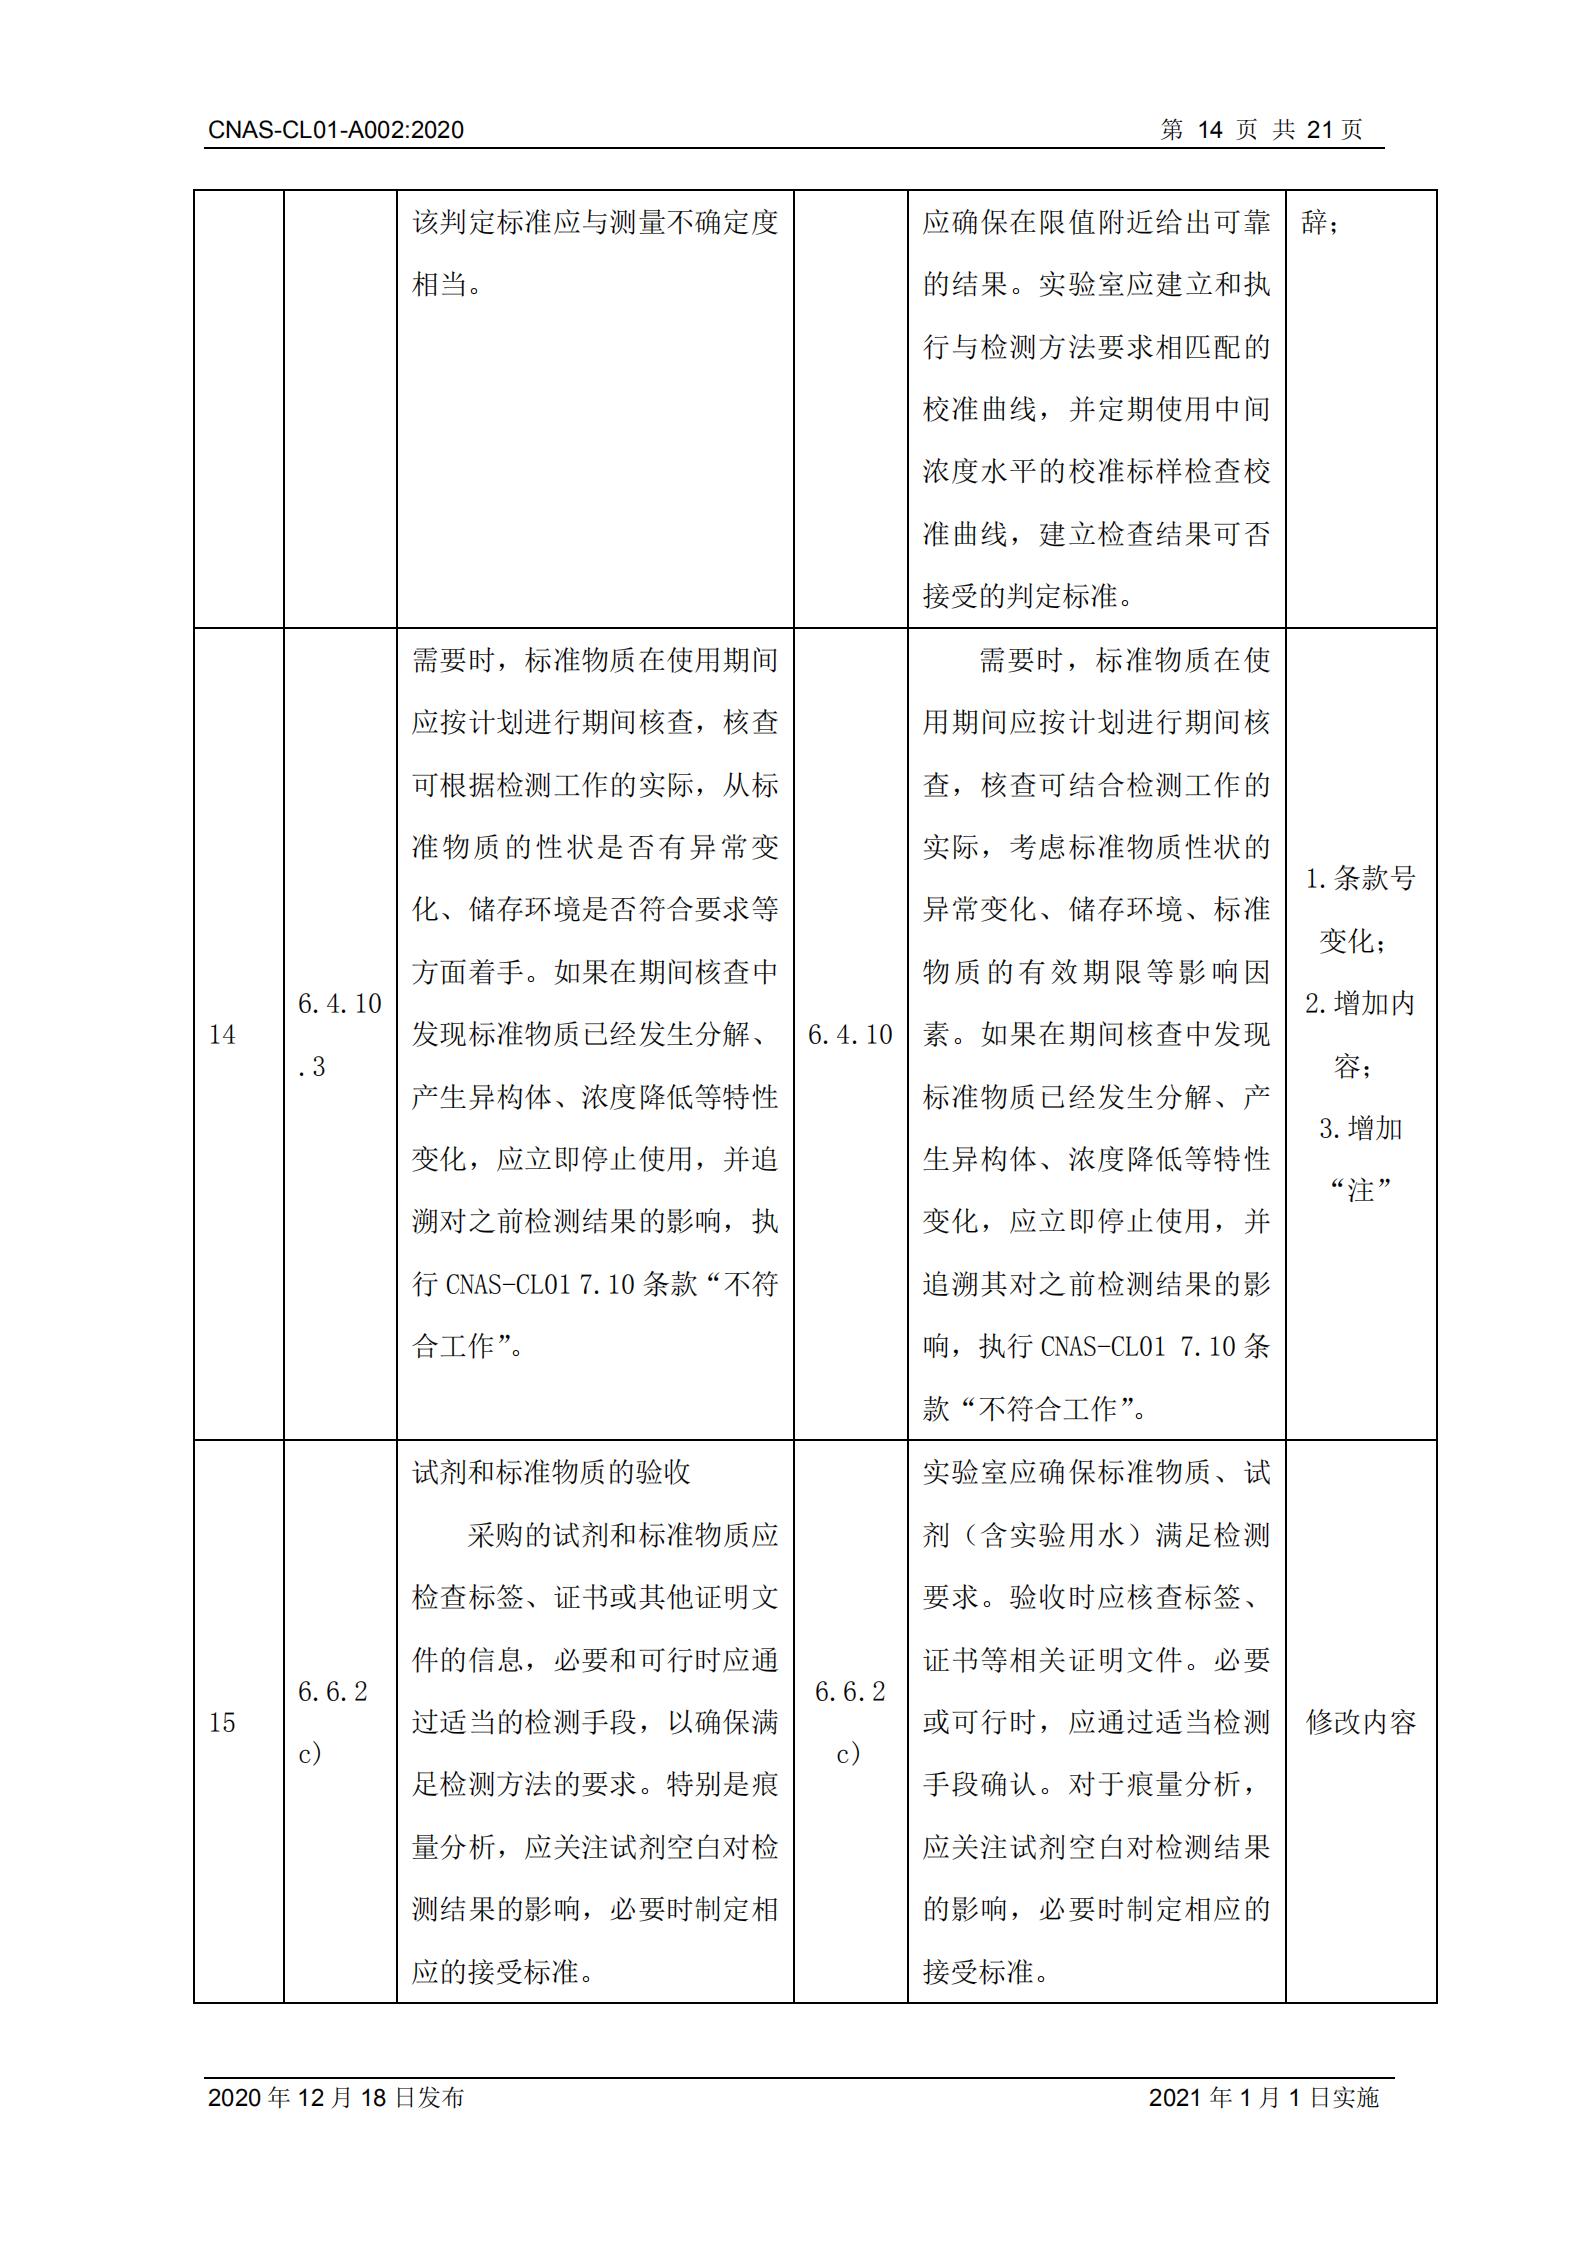 CNAS-CL01-A002_2020_14.png